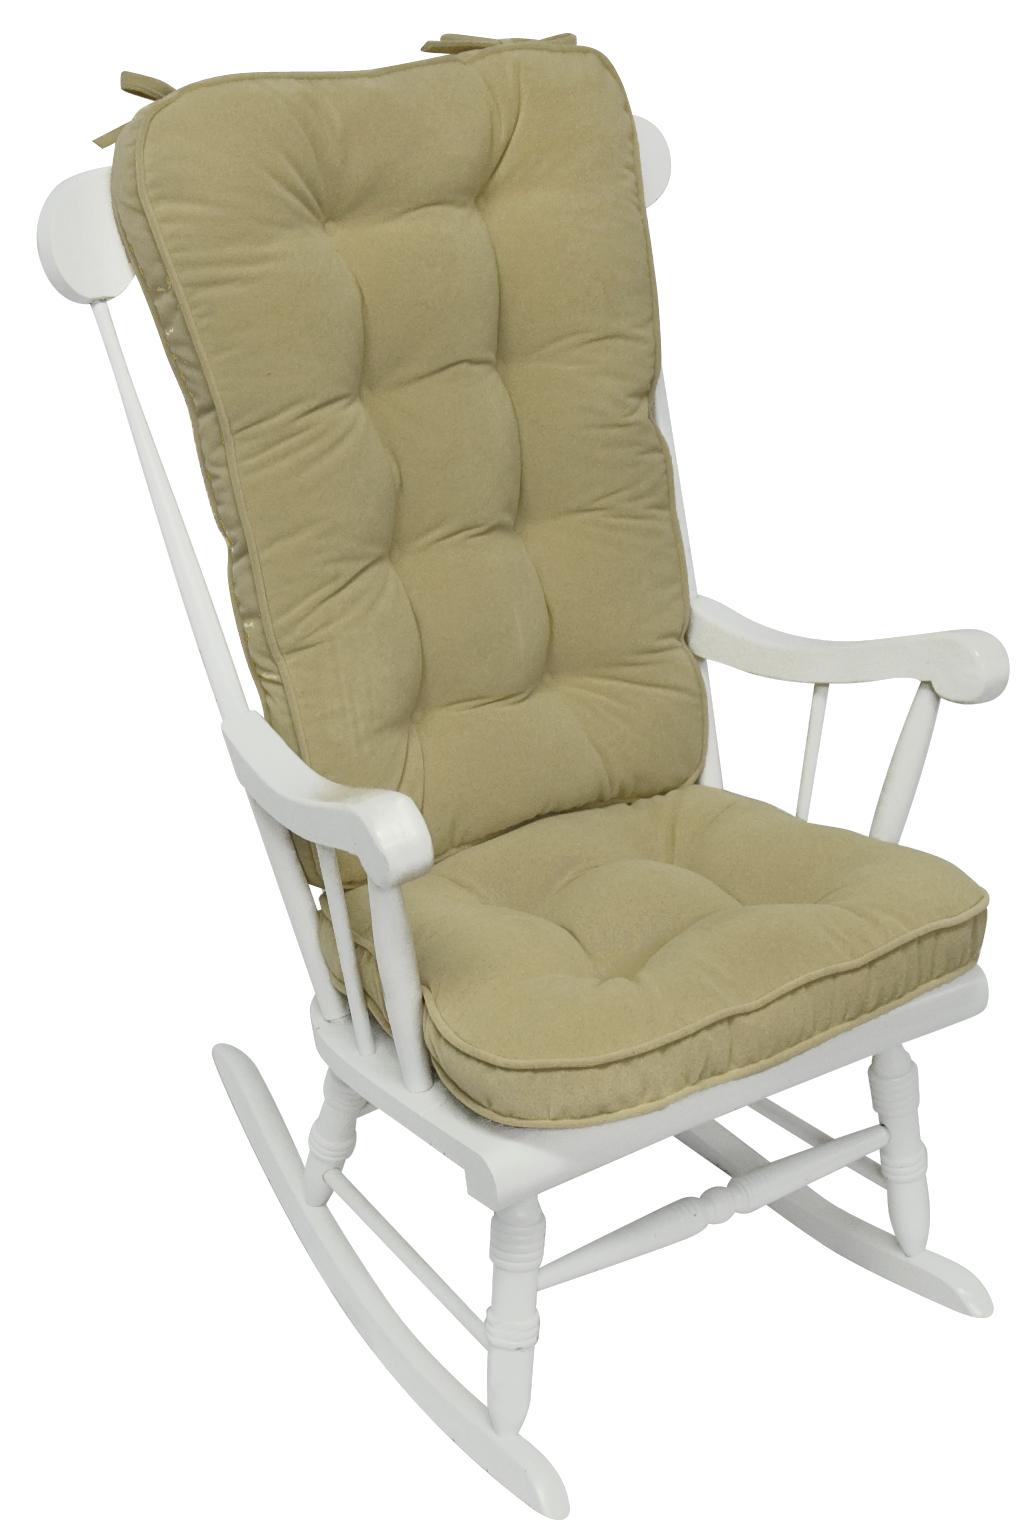 rocking chair cushions